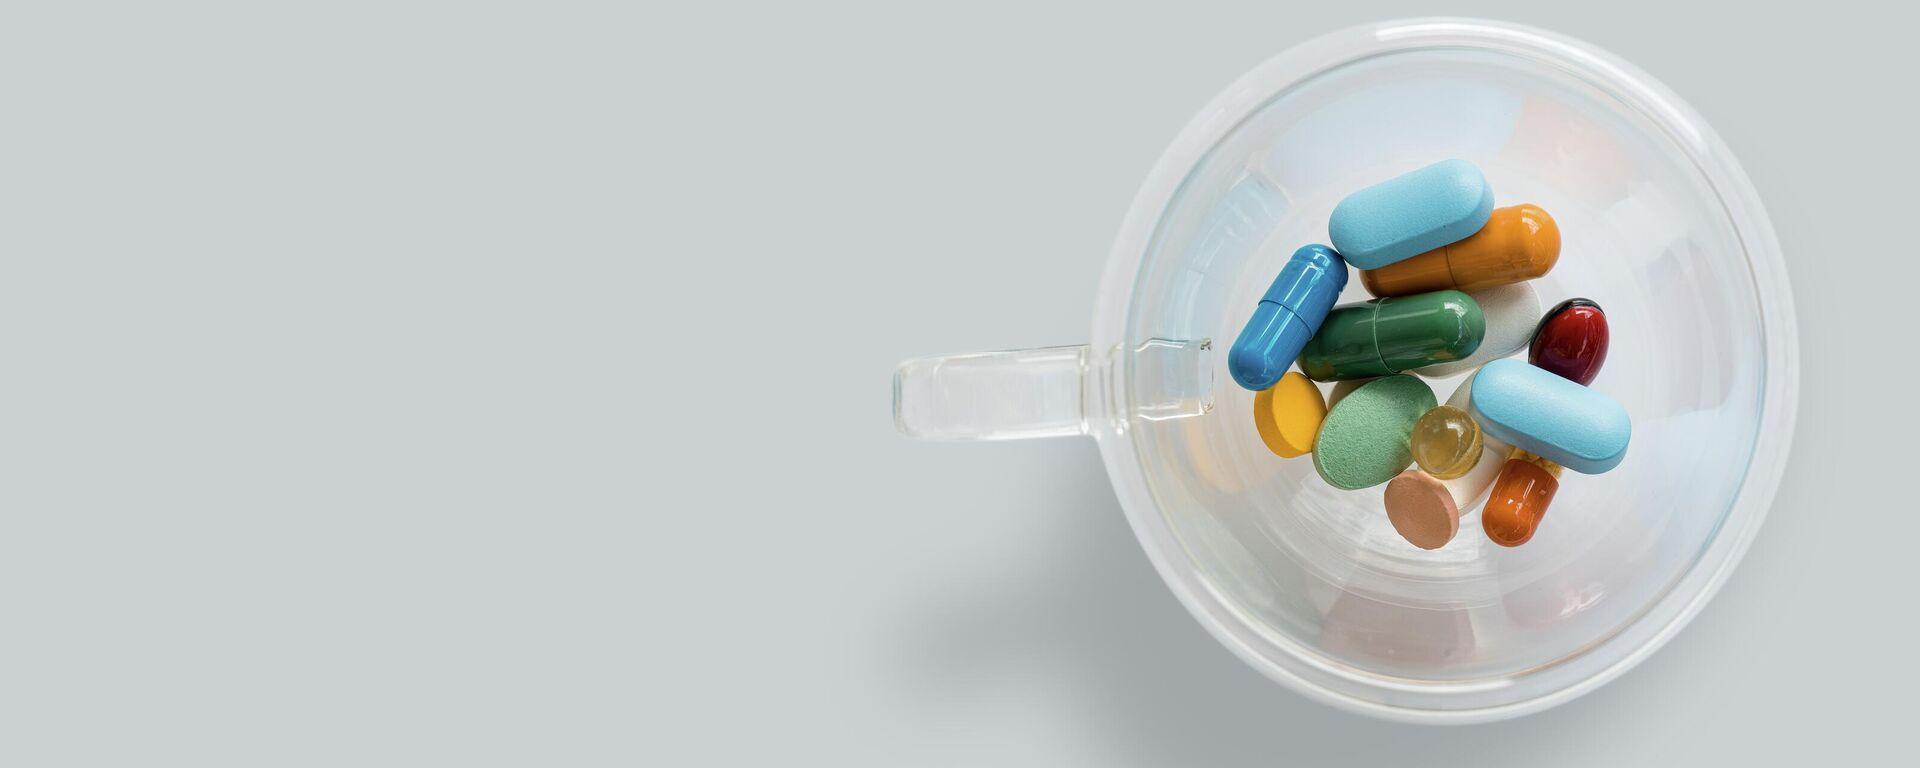 Unos medicamentos en un vaso - Sputnik Mundo, 1920, 21.07.2021